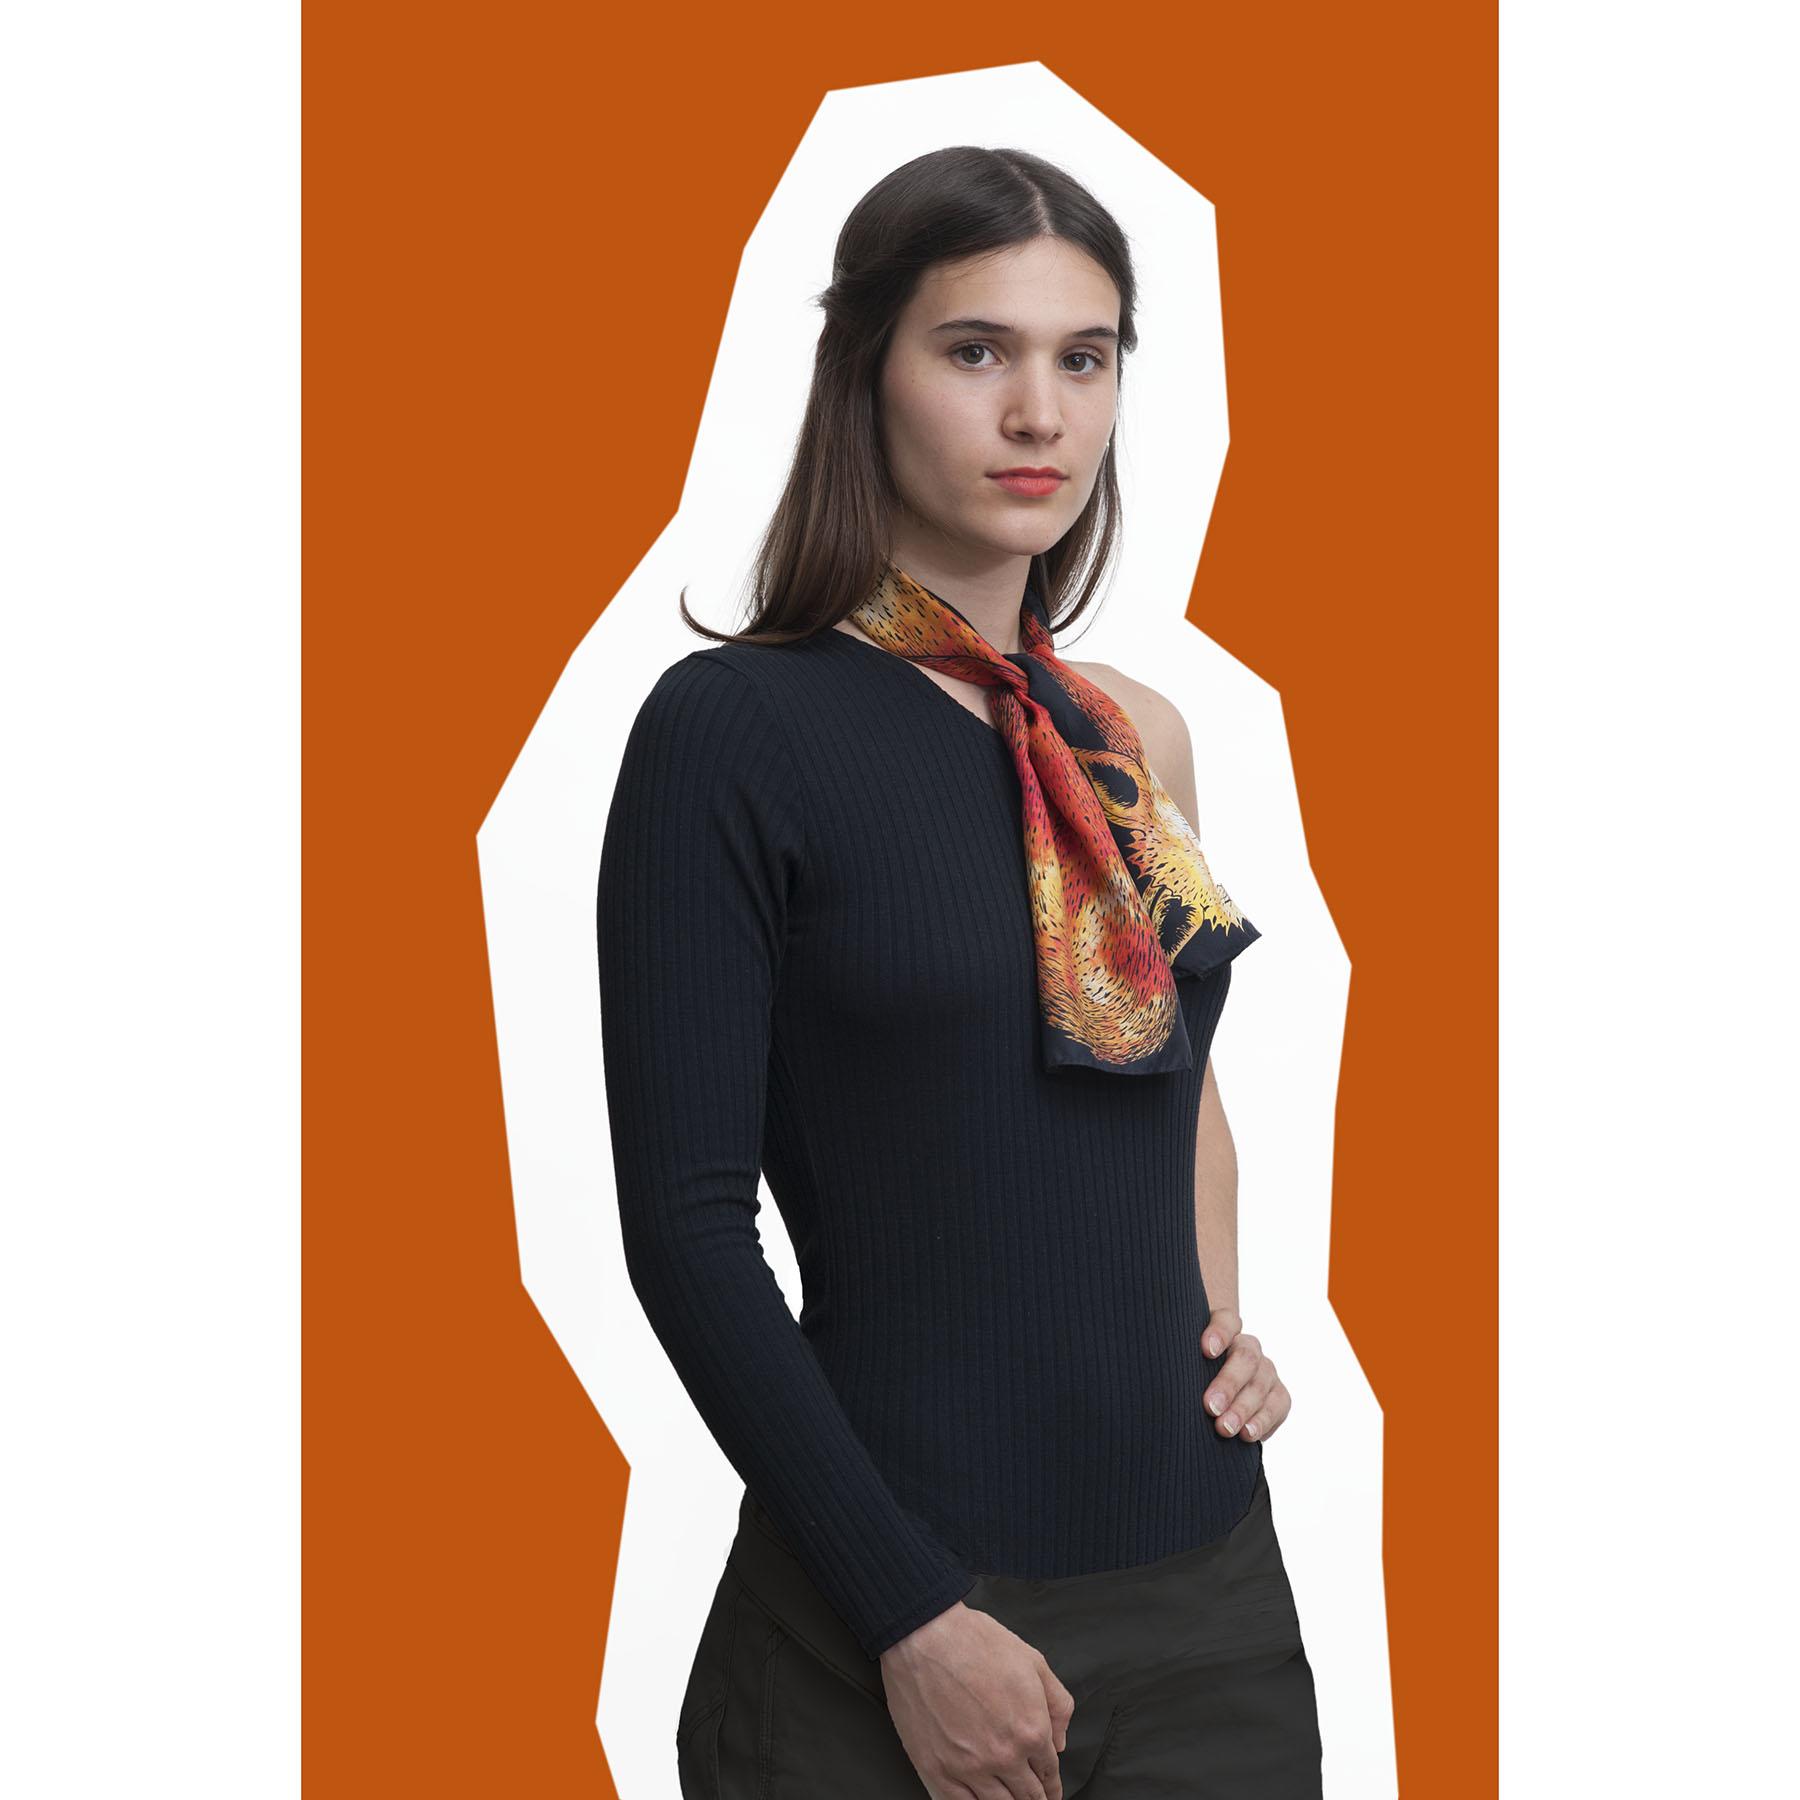 jeune fille portant le foulard en soie dessin renard orange et noir